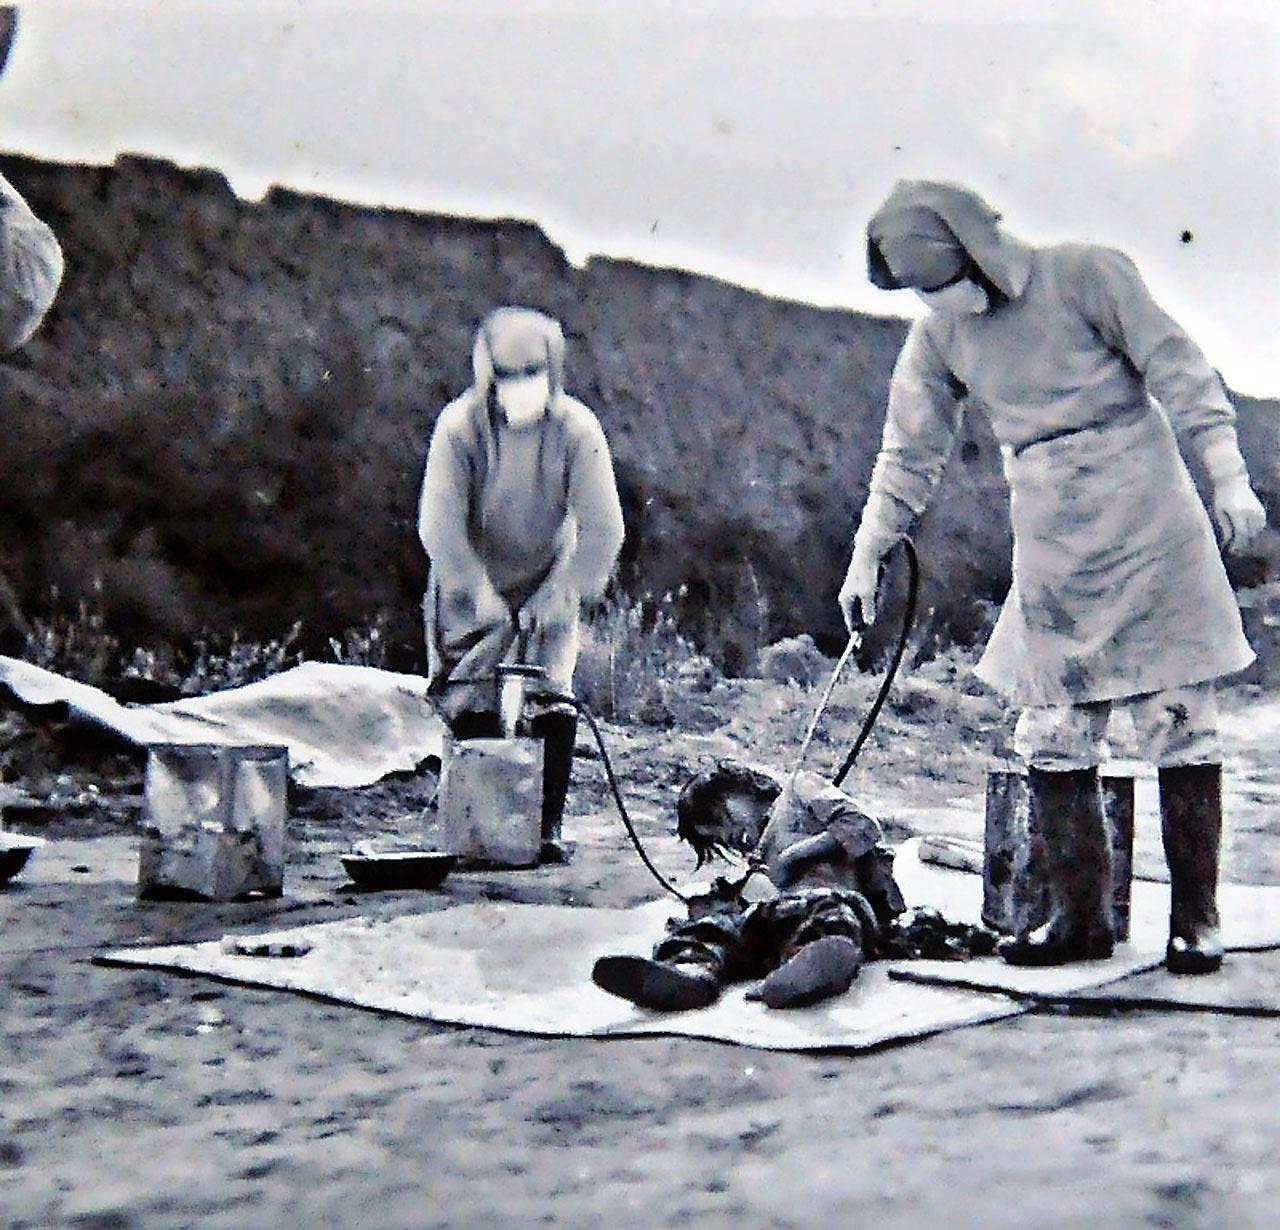 На арестованных и похищенных людях - китайцах, русских и корейцах - отрабатывалось заражение смертоносными болезнями.